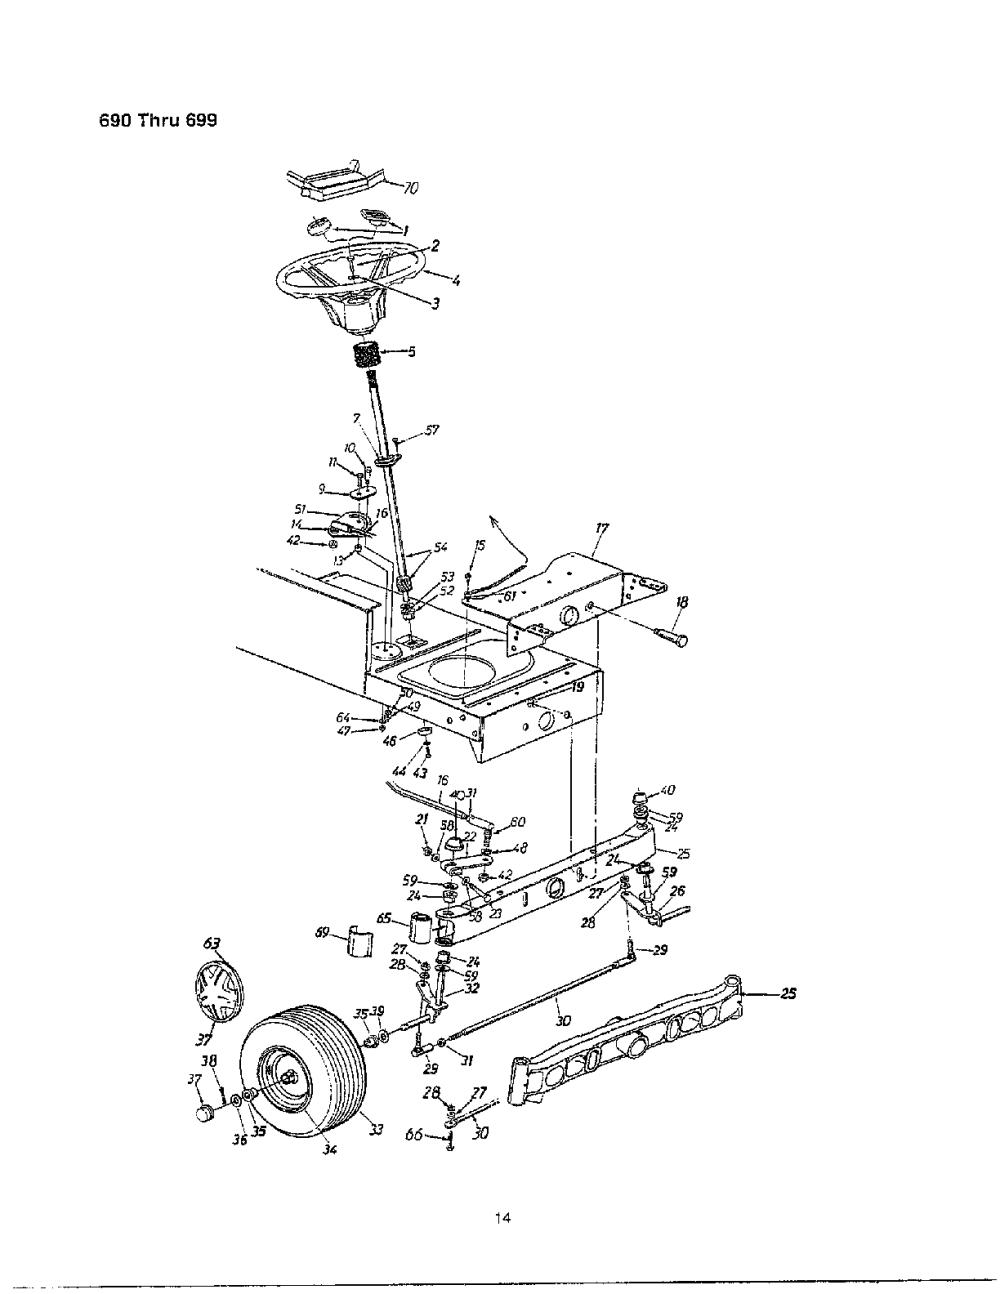 medium resolution of mtd 690 thru 699 steering wheel frt wheel chart diagram